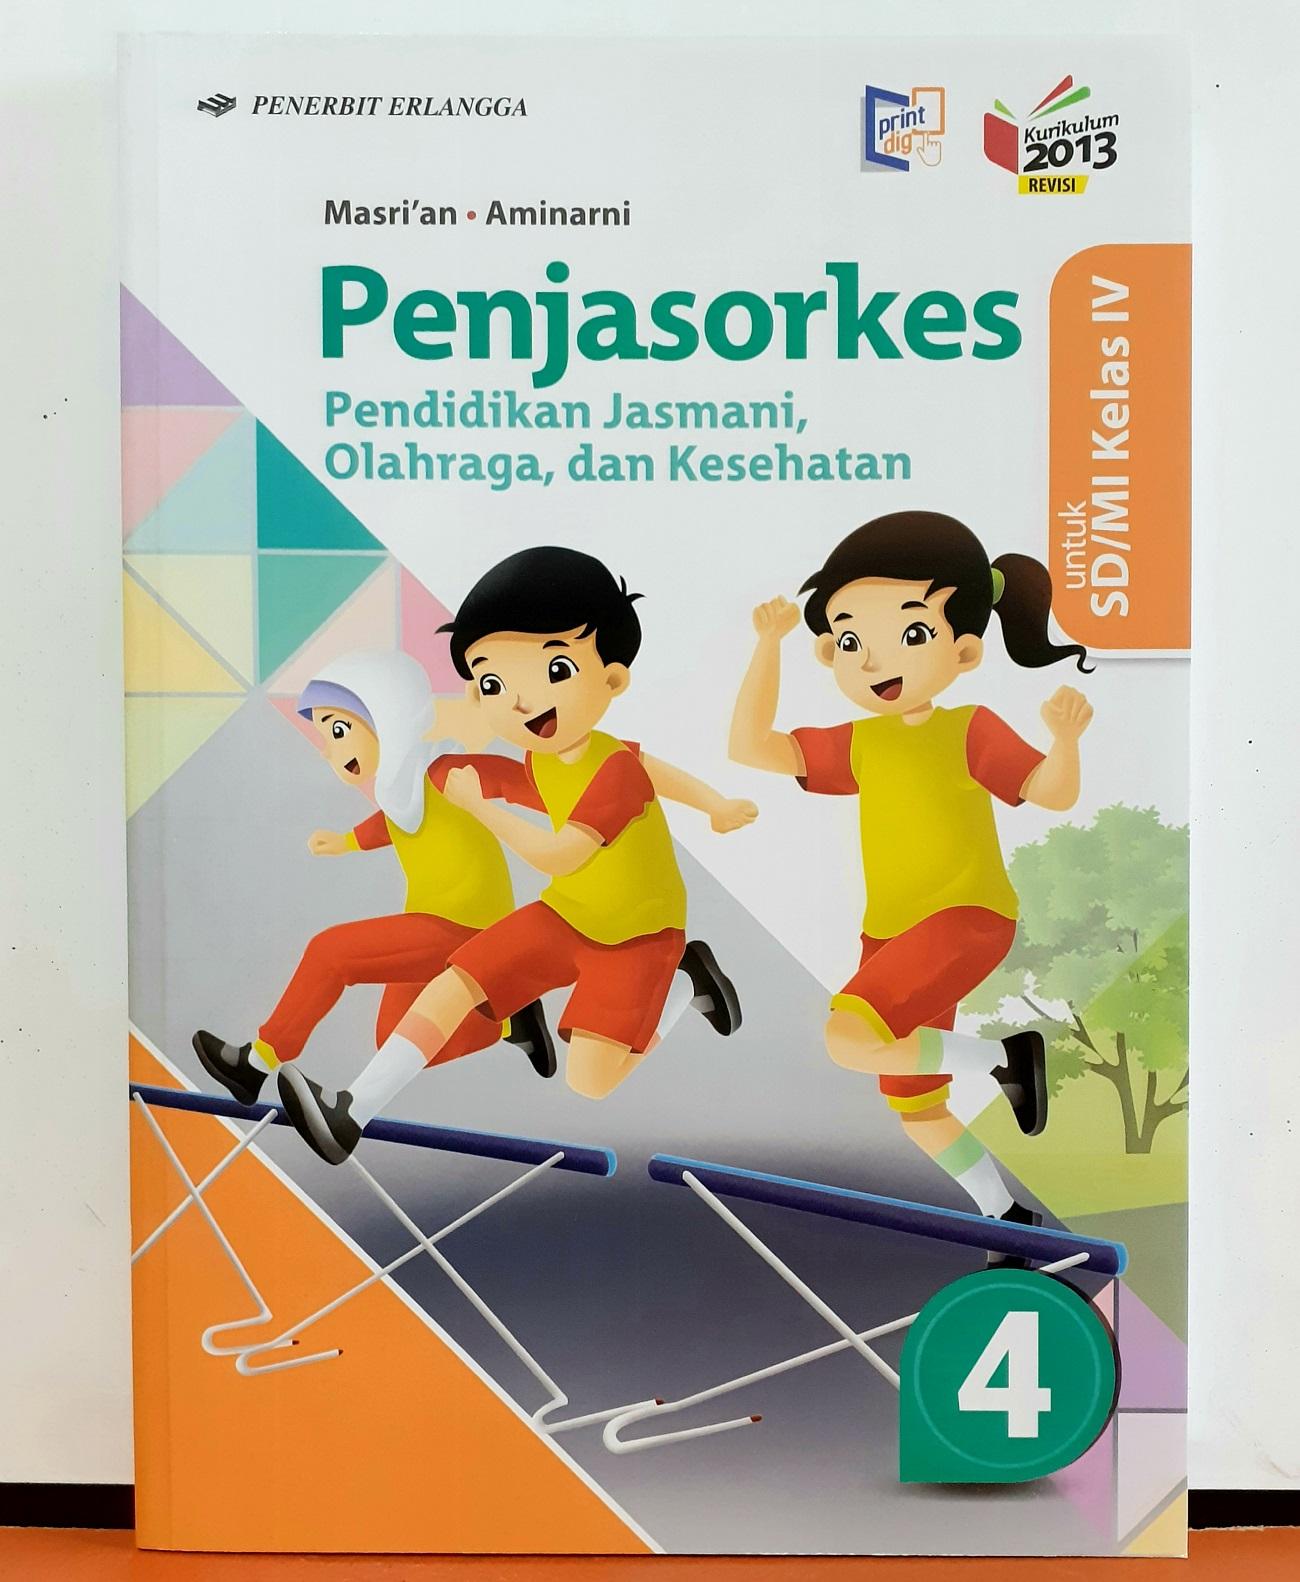 Dll sendiri menyediakan link untuk. Buku Penjas Pendidikan Jasmani Olahraga Dan Kesehatan Pjok Kelas 4 Sd Mi K2013 Revisi By Masrian Aminarni Lazada Indonesia